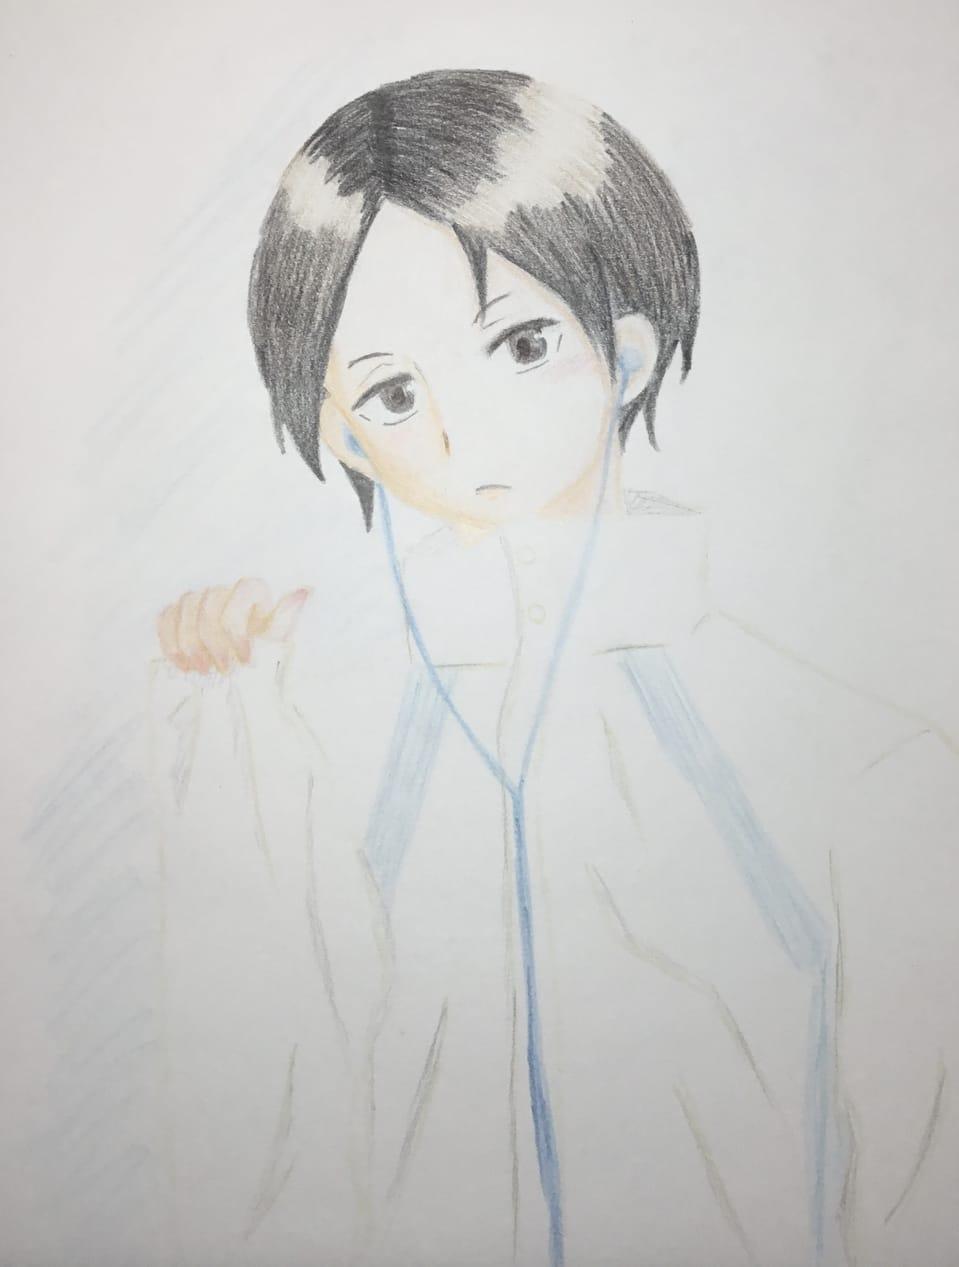 国見ちゃん(о´∀`о) Illust of わかな Haikyu!! coloredpencil 国見英 fanart